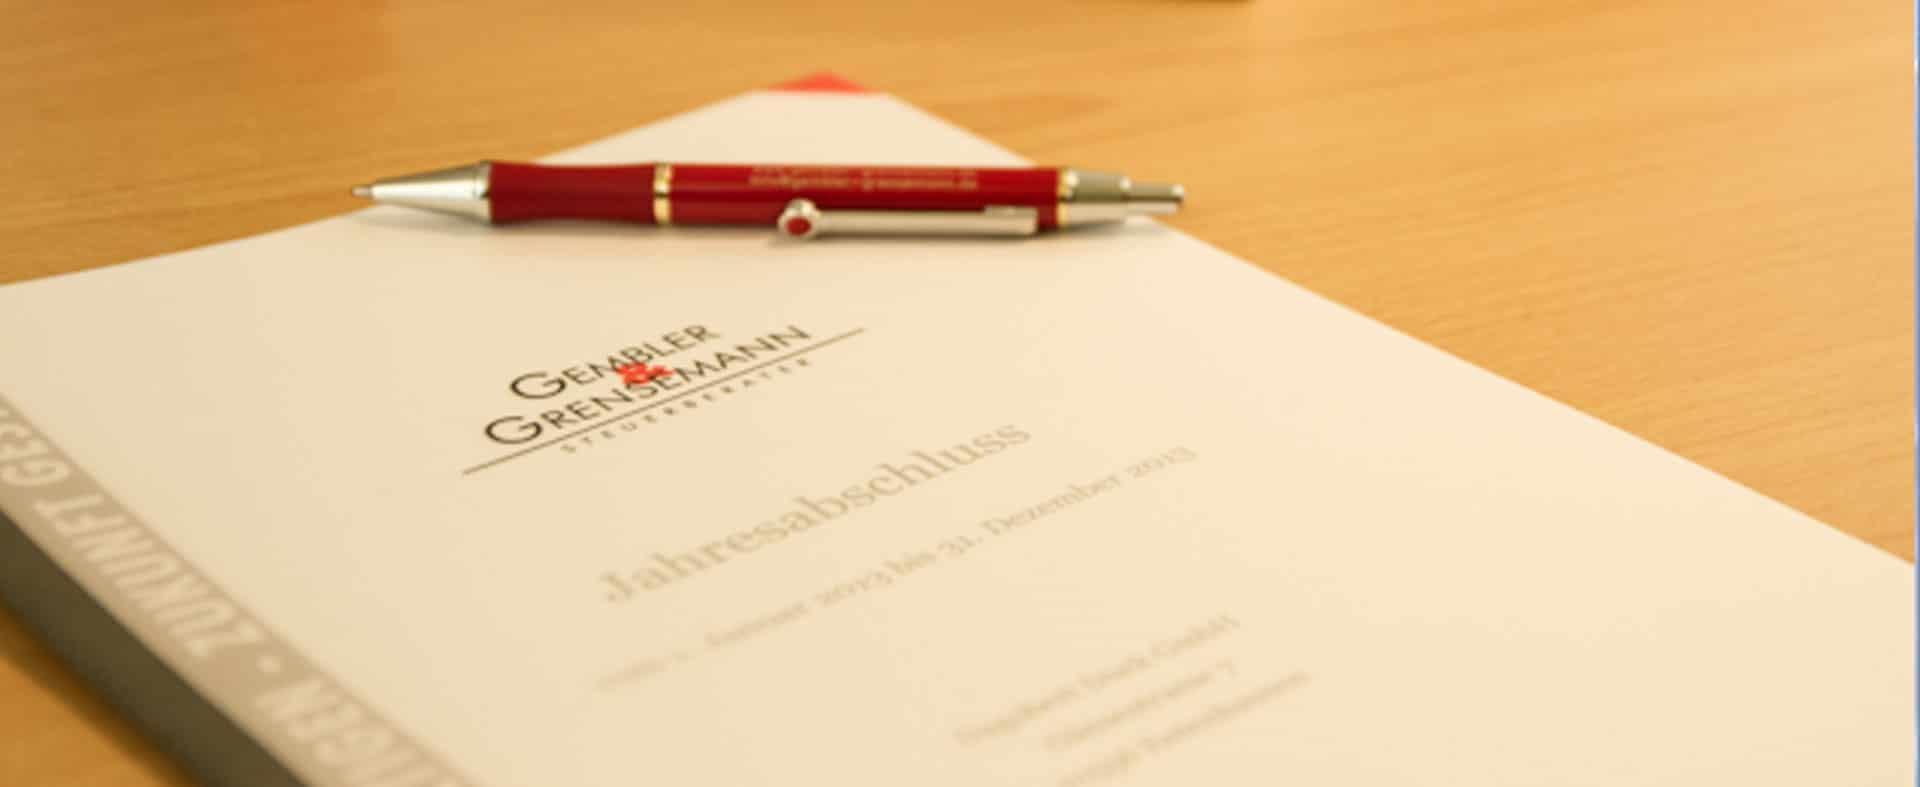 Steuerberater Gembler und Grensemann - Jahresabschluss